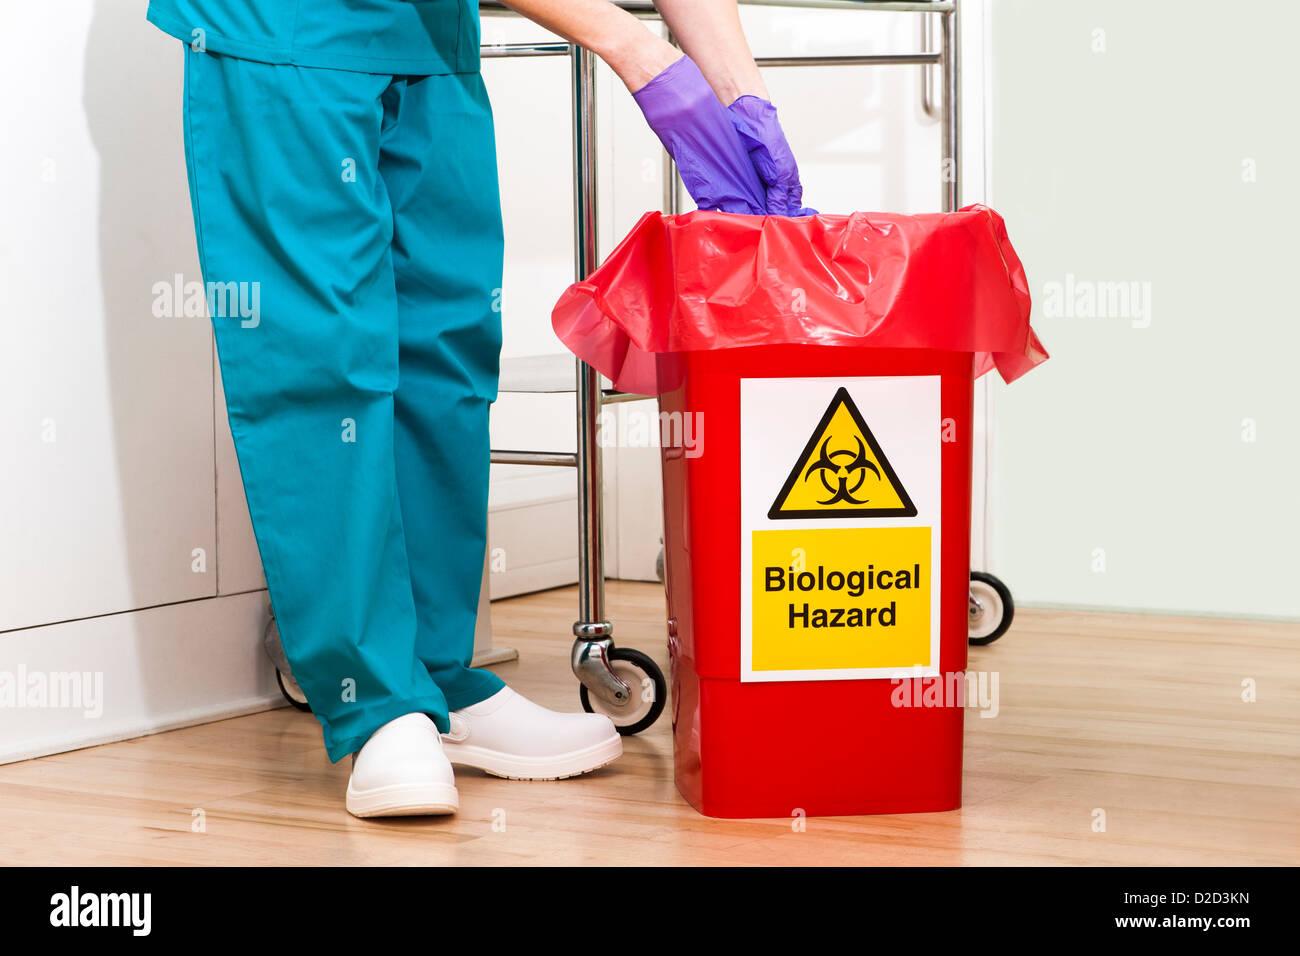 Élimination des déchets cliniques PARUTION DU MODÈLE Banque D'Images